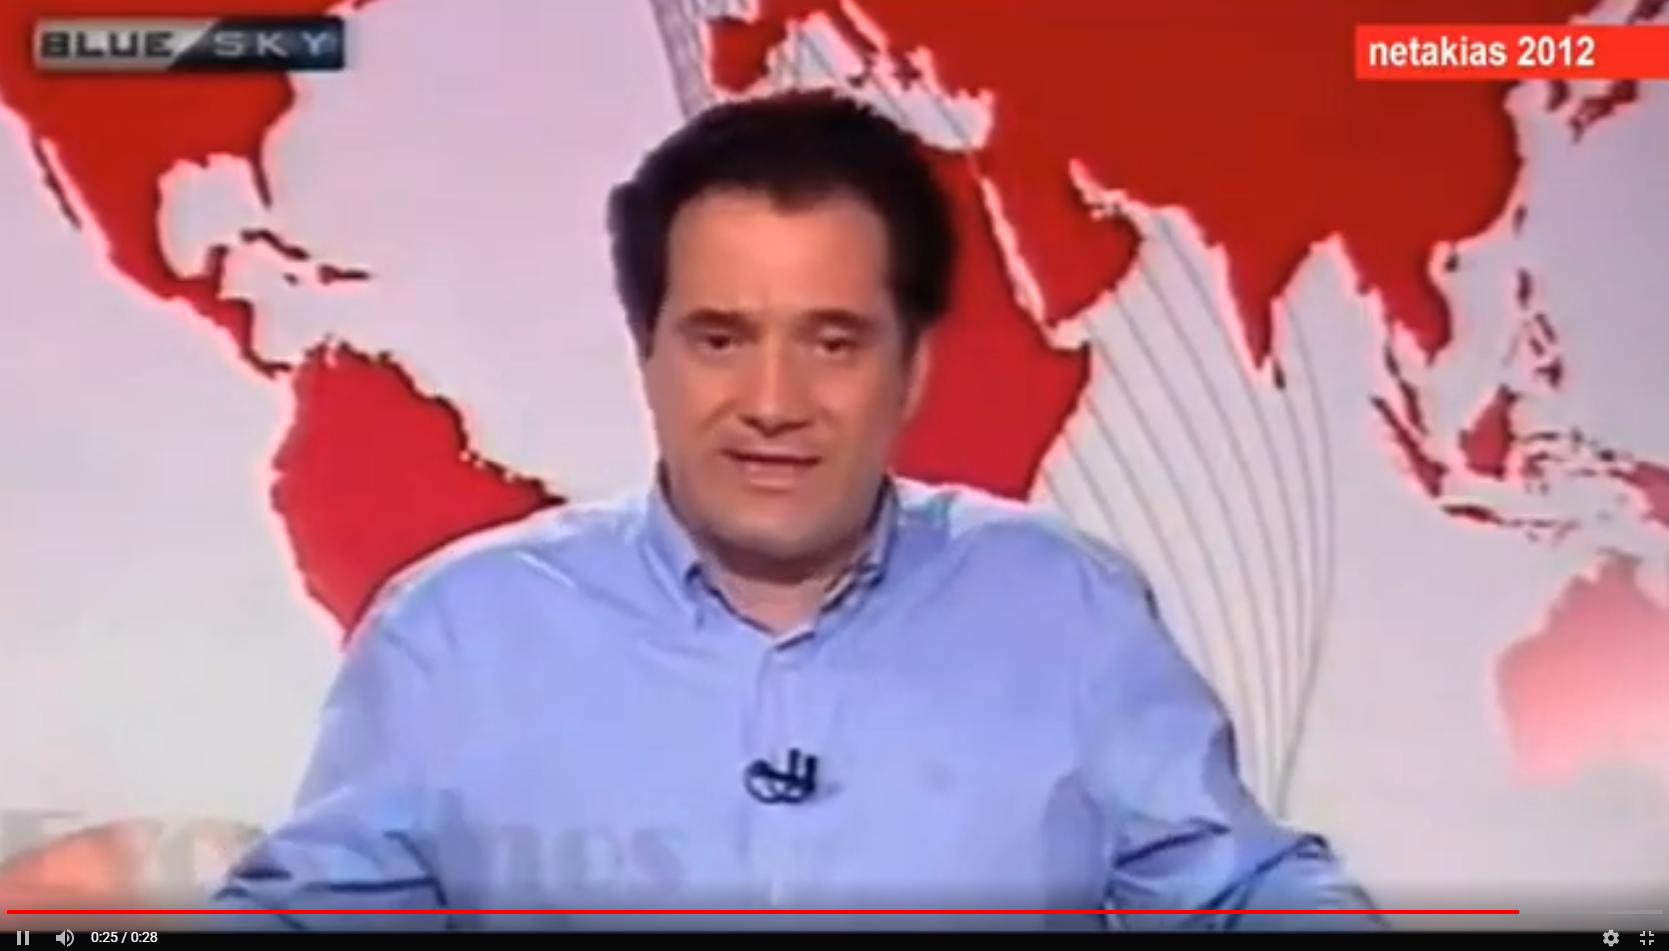 Υπουργός του Μητσοτακη στον αέρα δελτίου ειδήσεων: Αν σας κόβανε τις διαφημισεις θα είχατε την ίδια προσέγγιση;